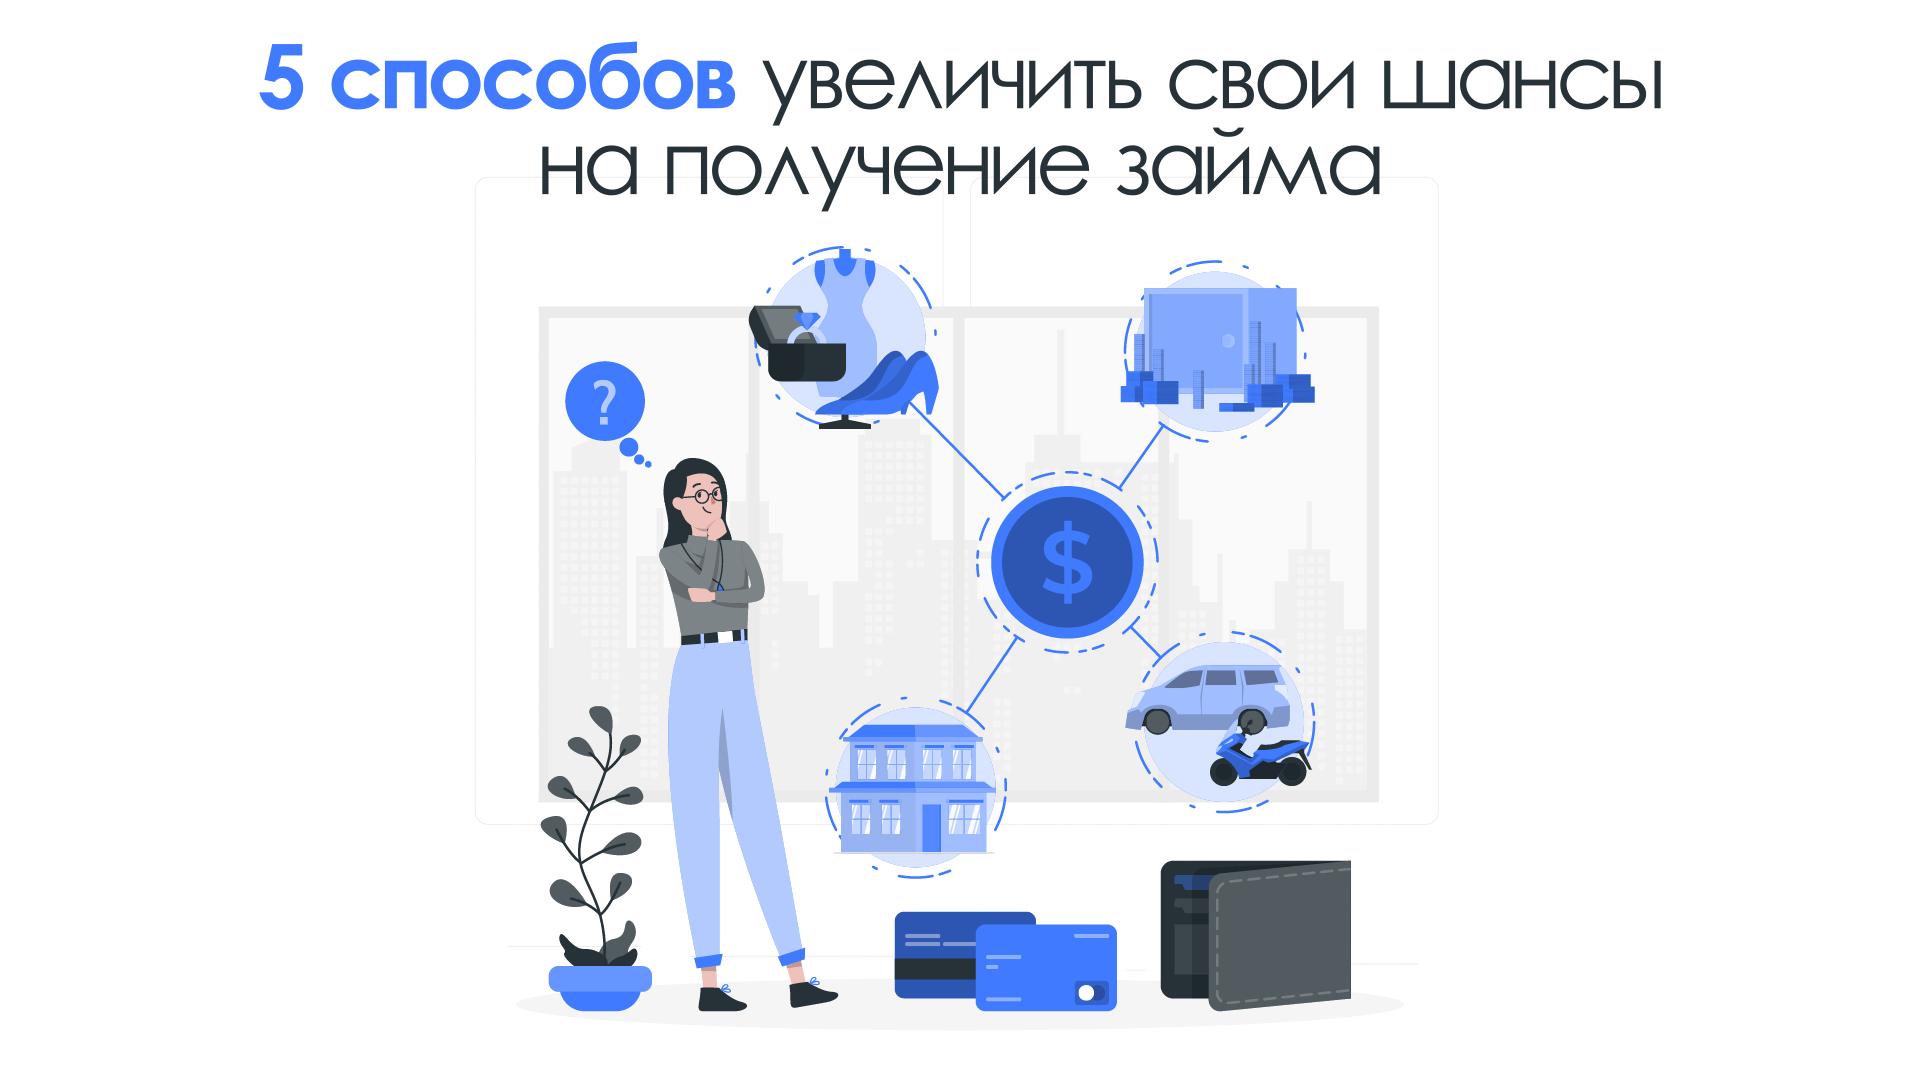 ТОП-5 способов увеличить свои шансы на получение займа